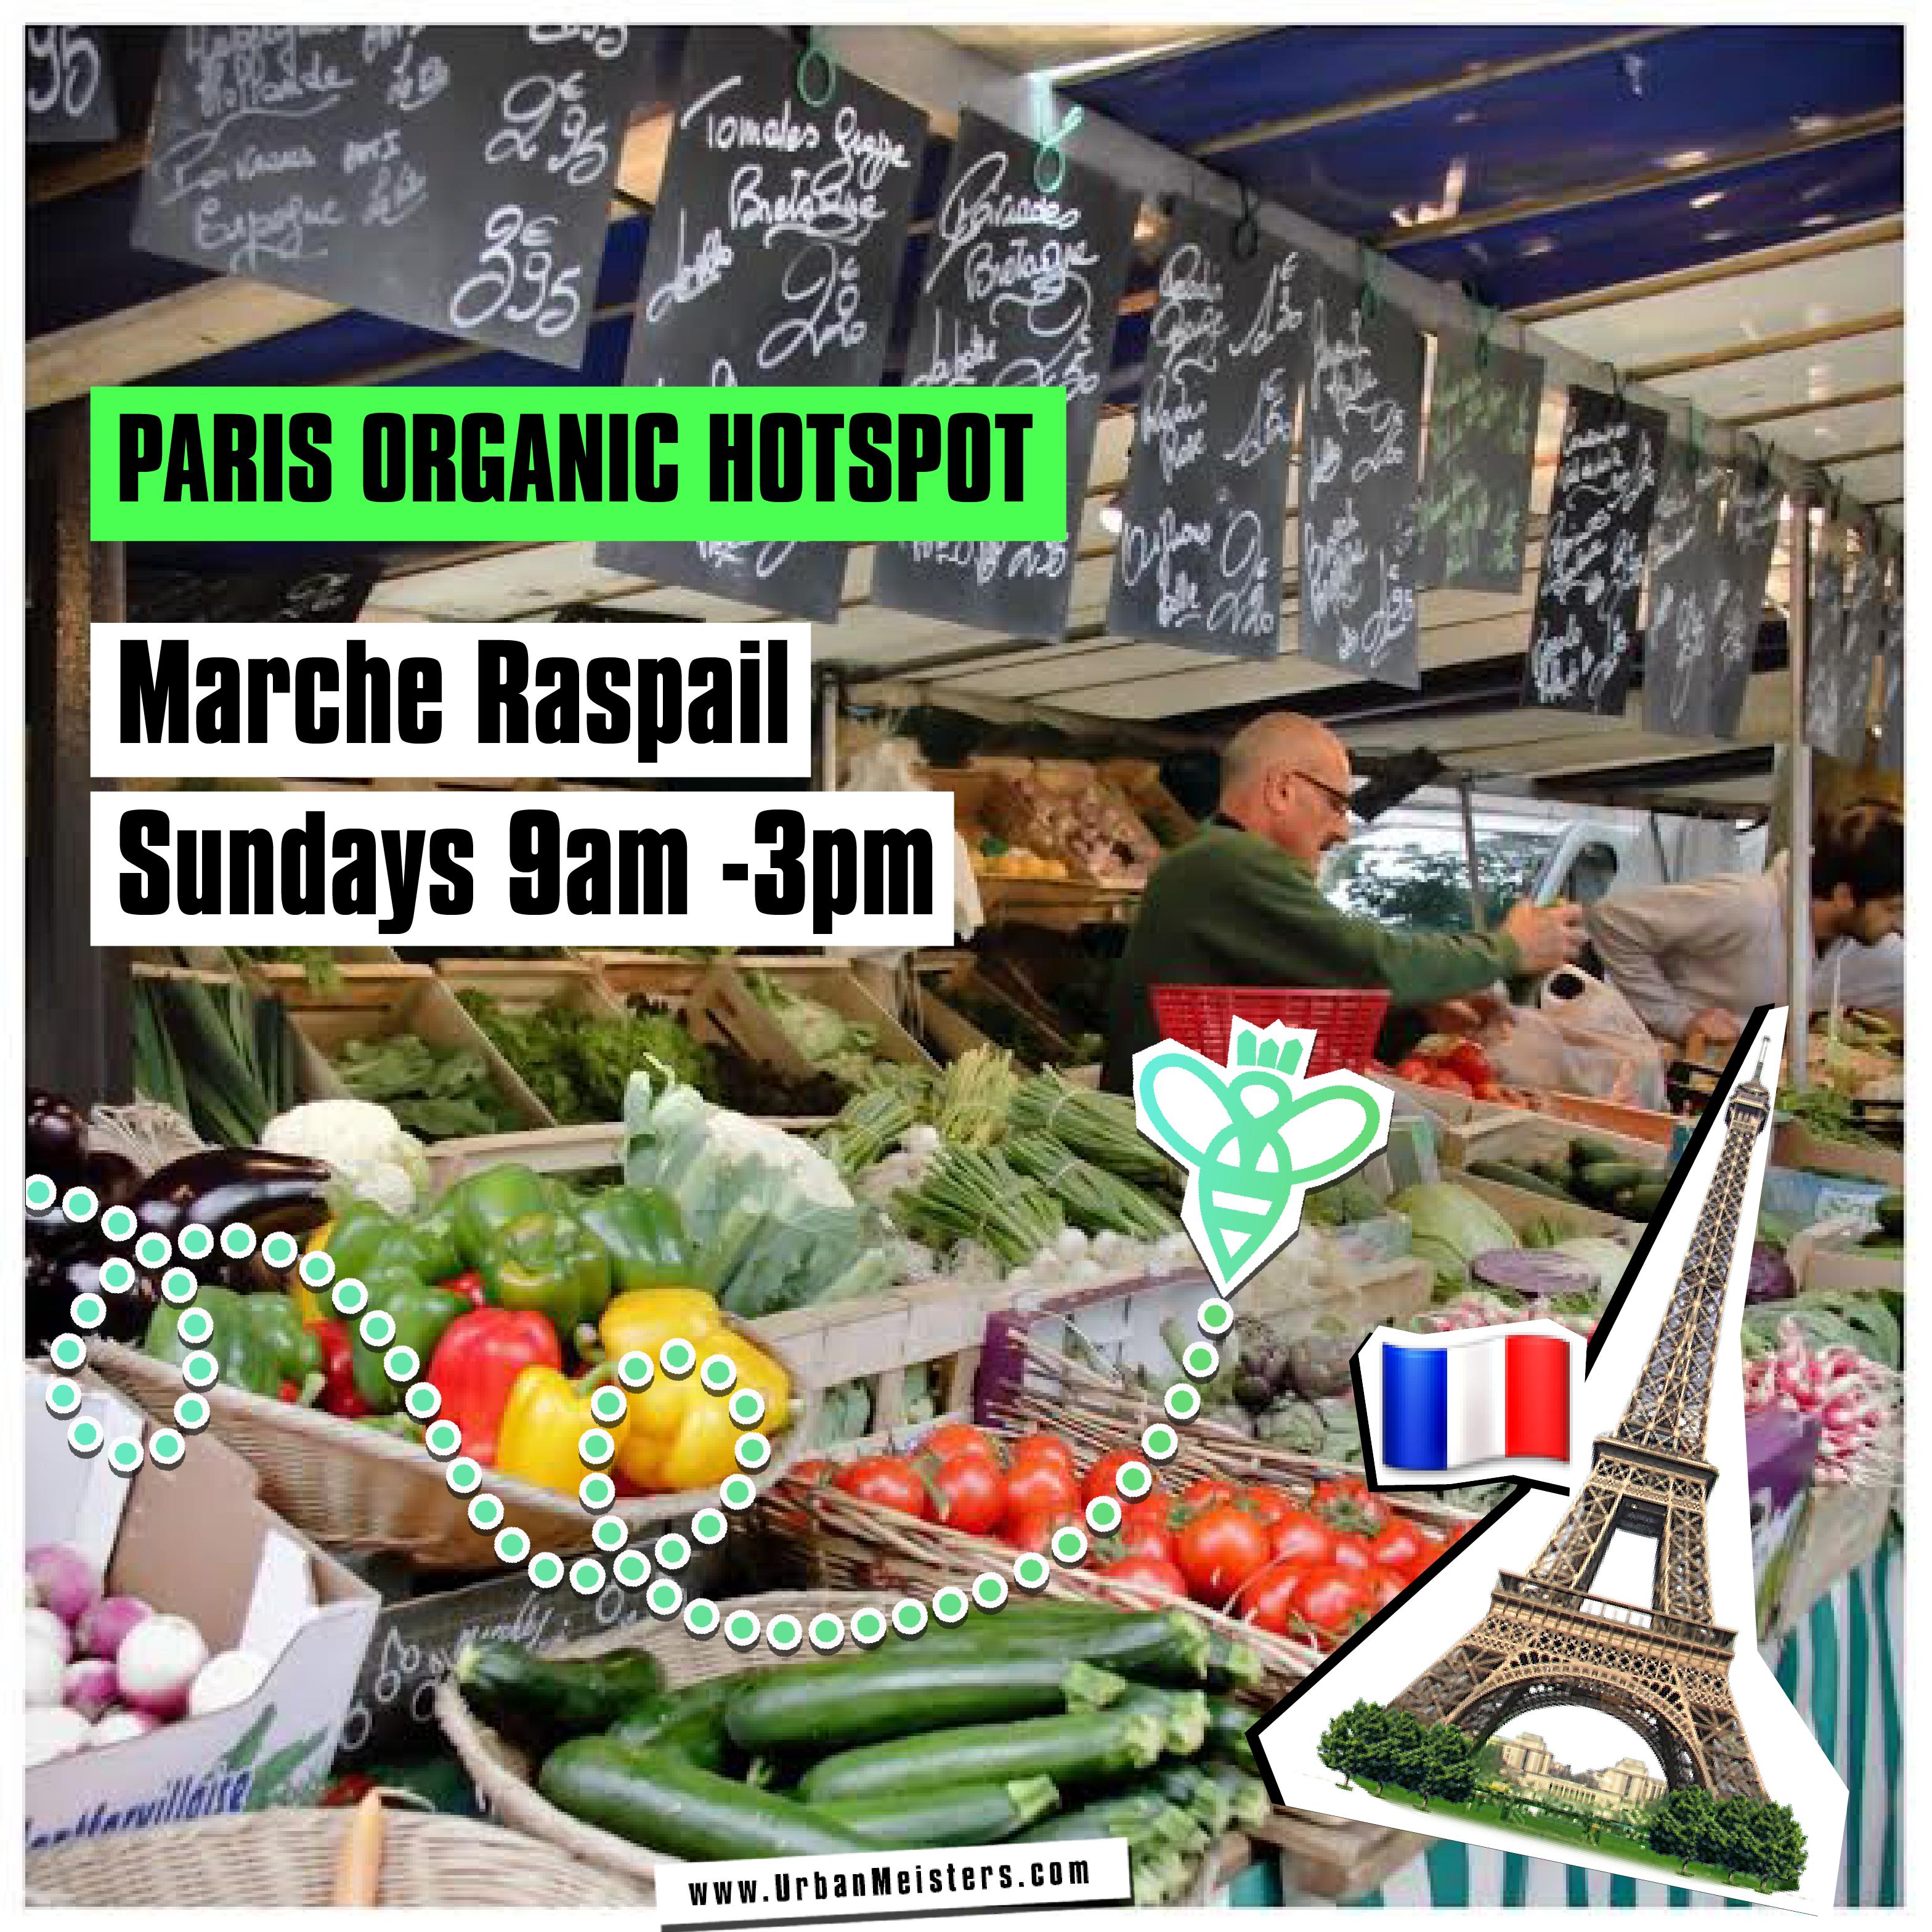 Marche Raspail